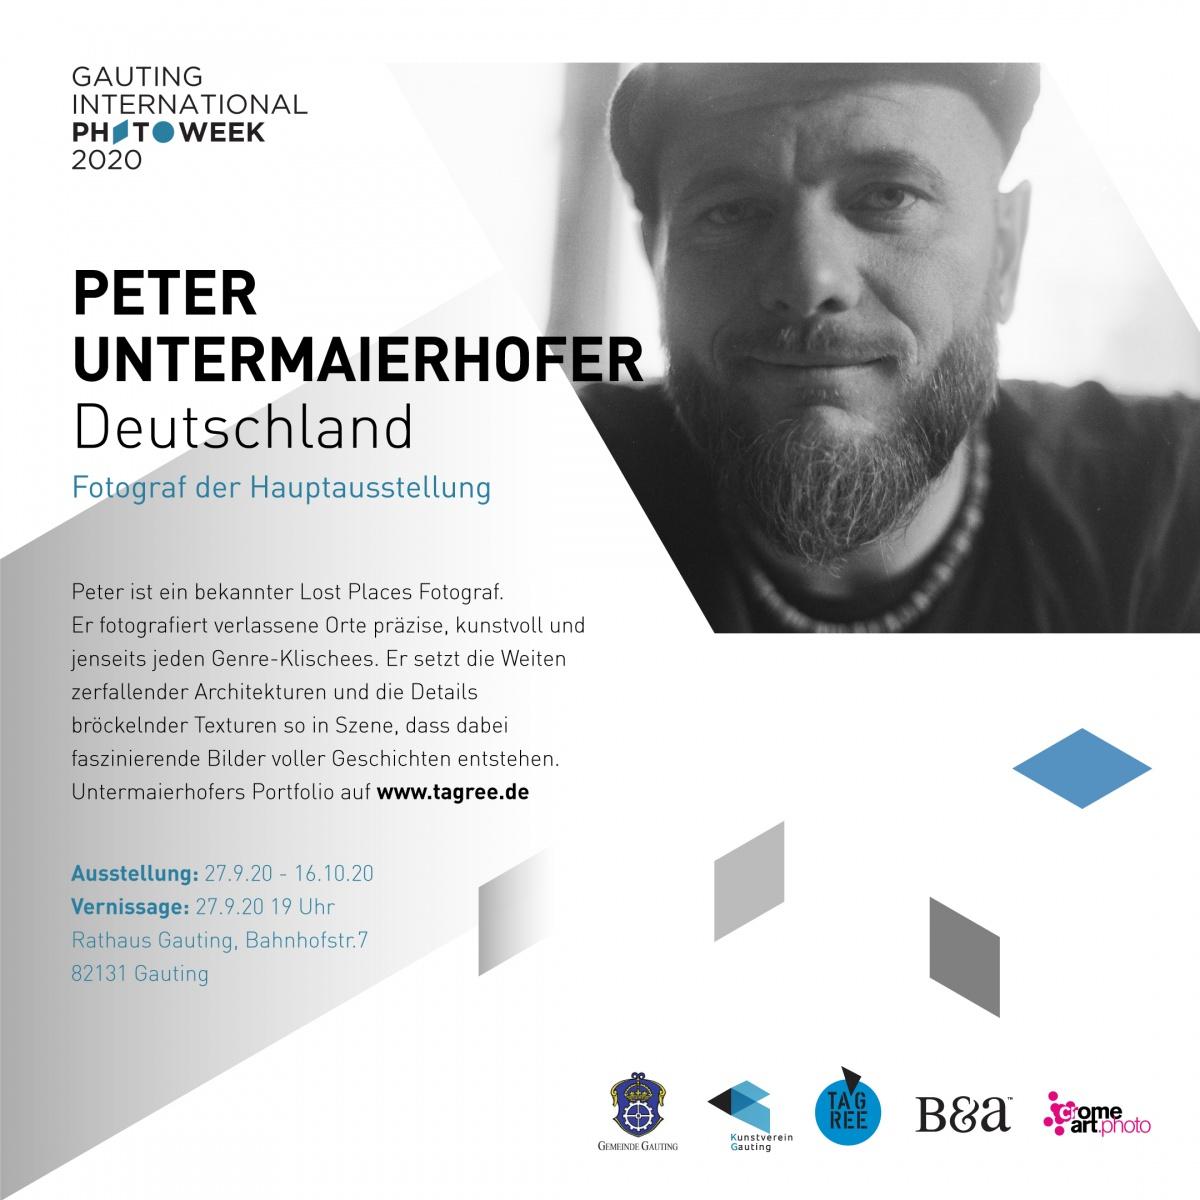 Peter Untermaierhofer / Deutschland